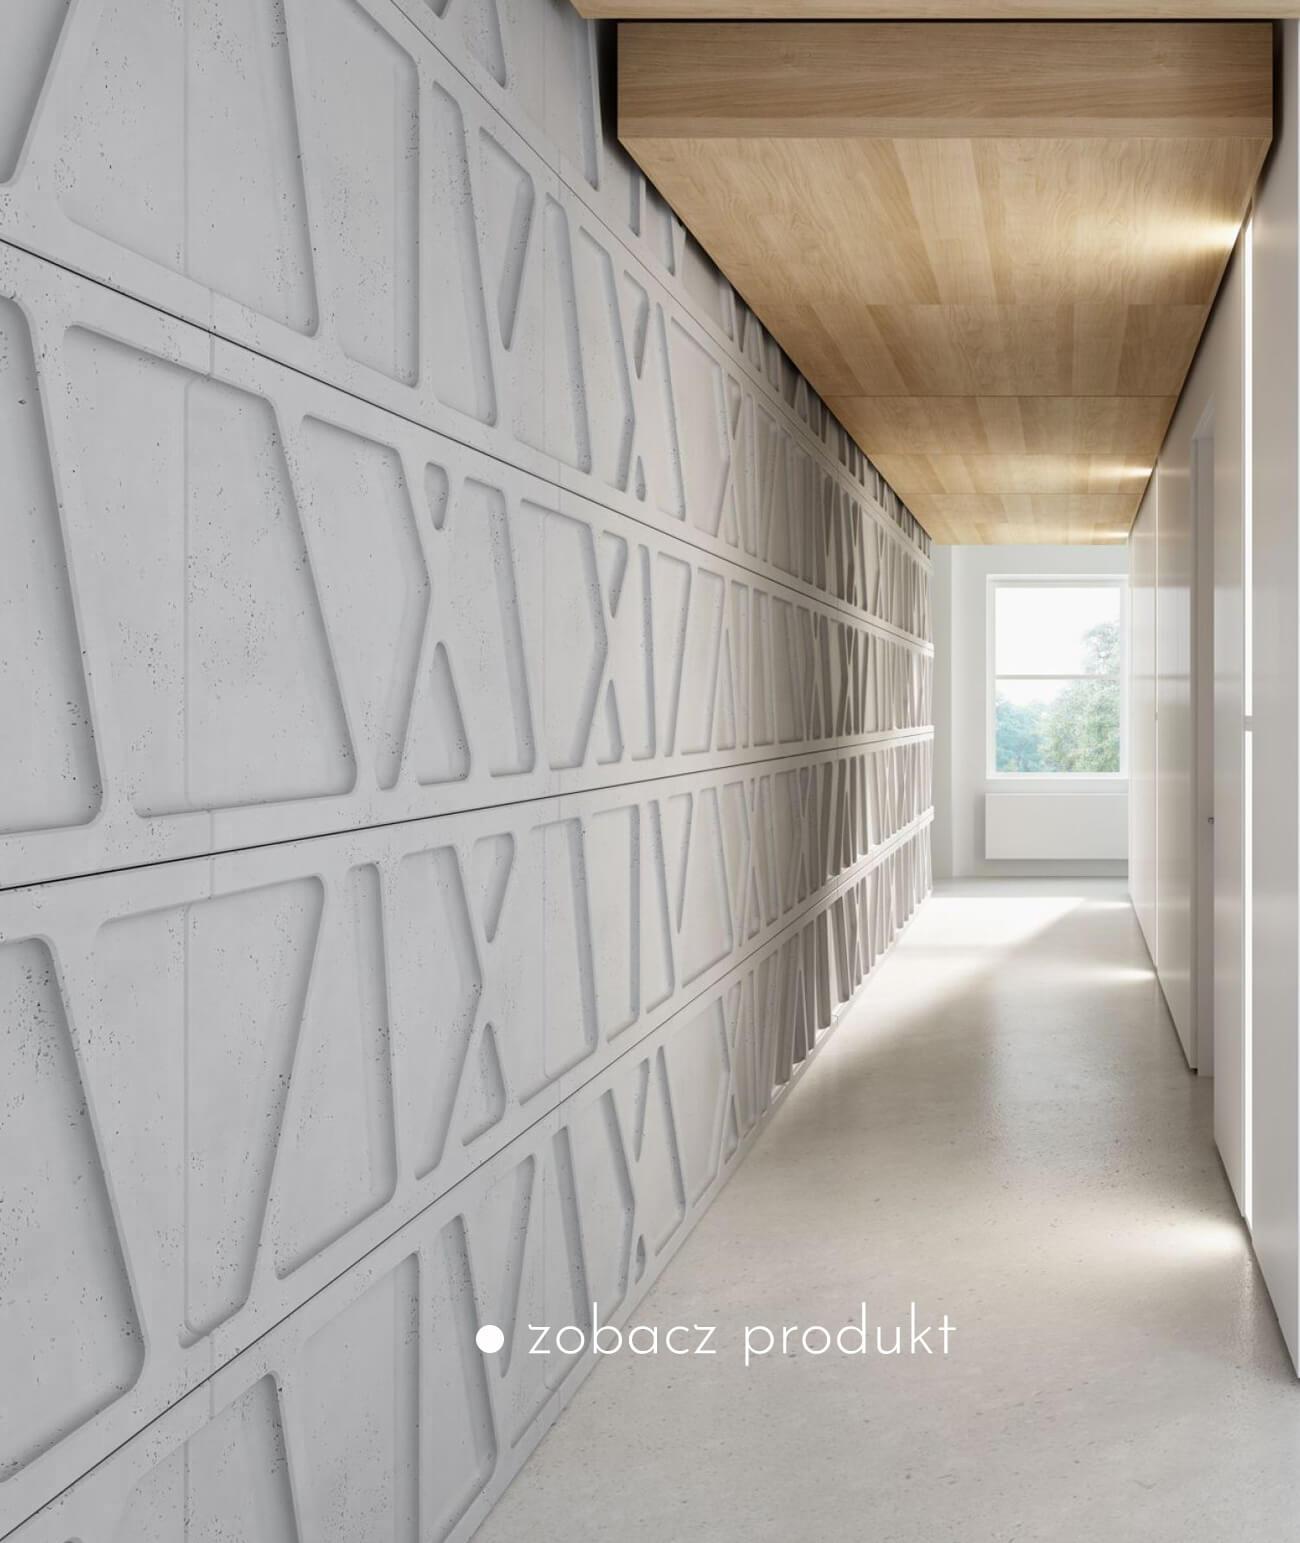 panele-betonowe-3d-scienne-i-elewacyjne-beton-architektoniczny_848-19561-pb24-s50-jasny-szary-mysi-modul-w--panel-dekor-3d-beton-architektoniczny-panel-scienny